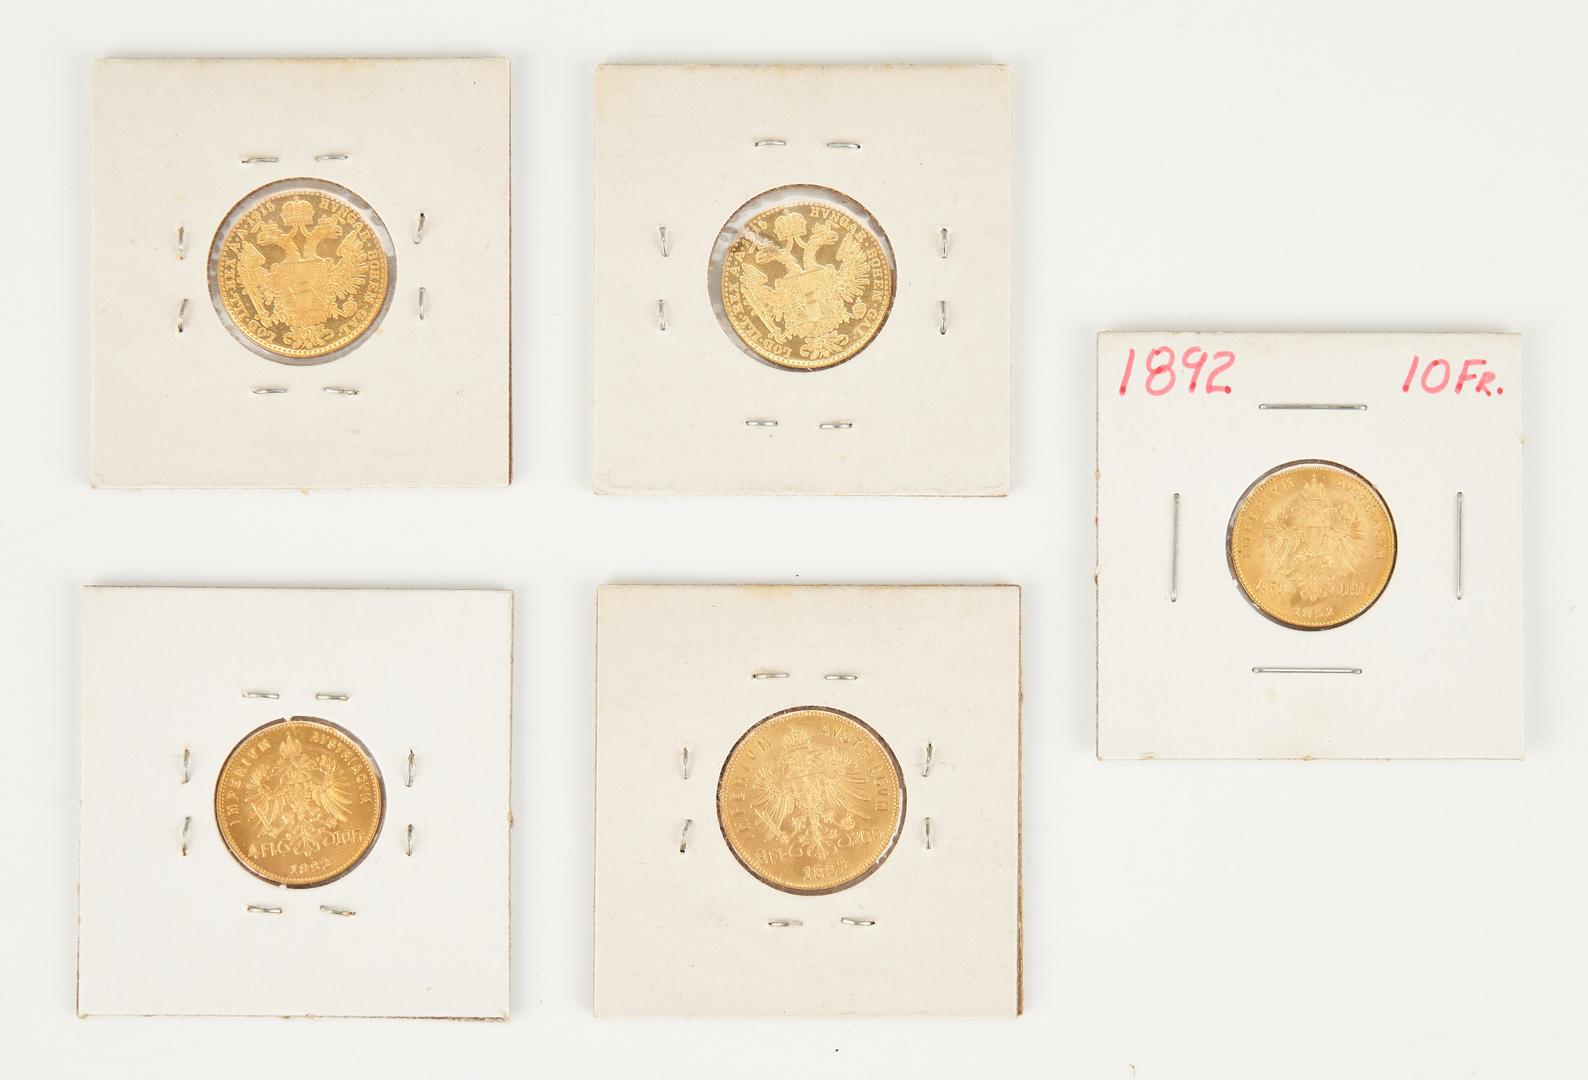 Lot 1167: 5 Austrian Restrike Gold Coins, incl. 1892, 1915